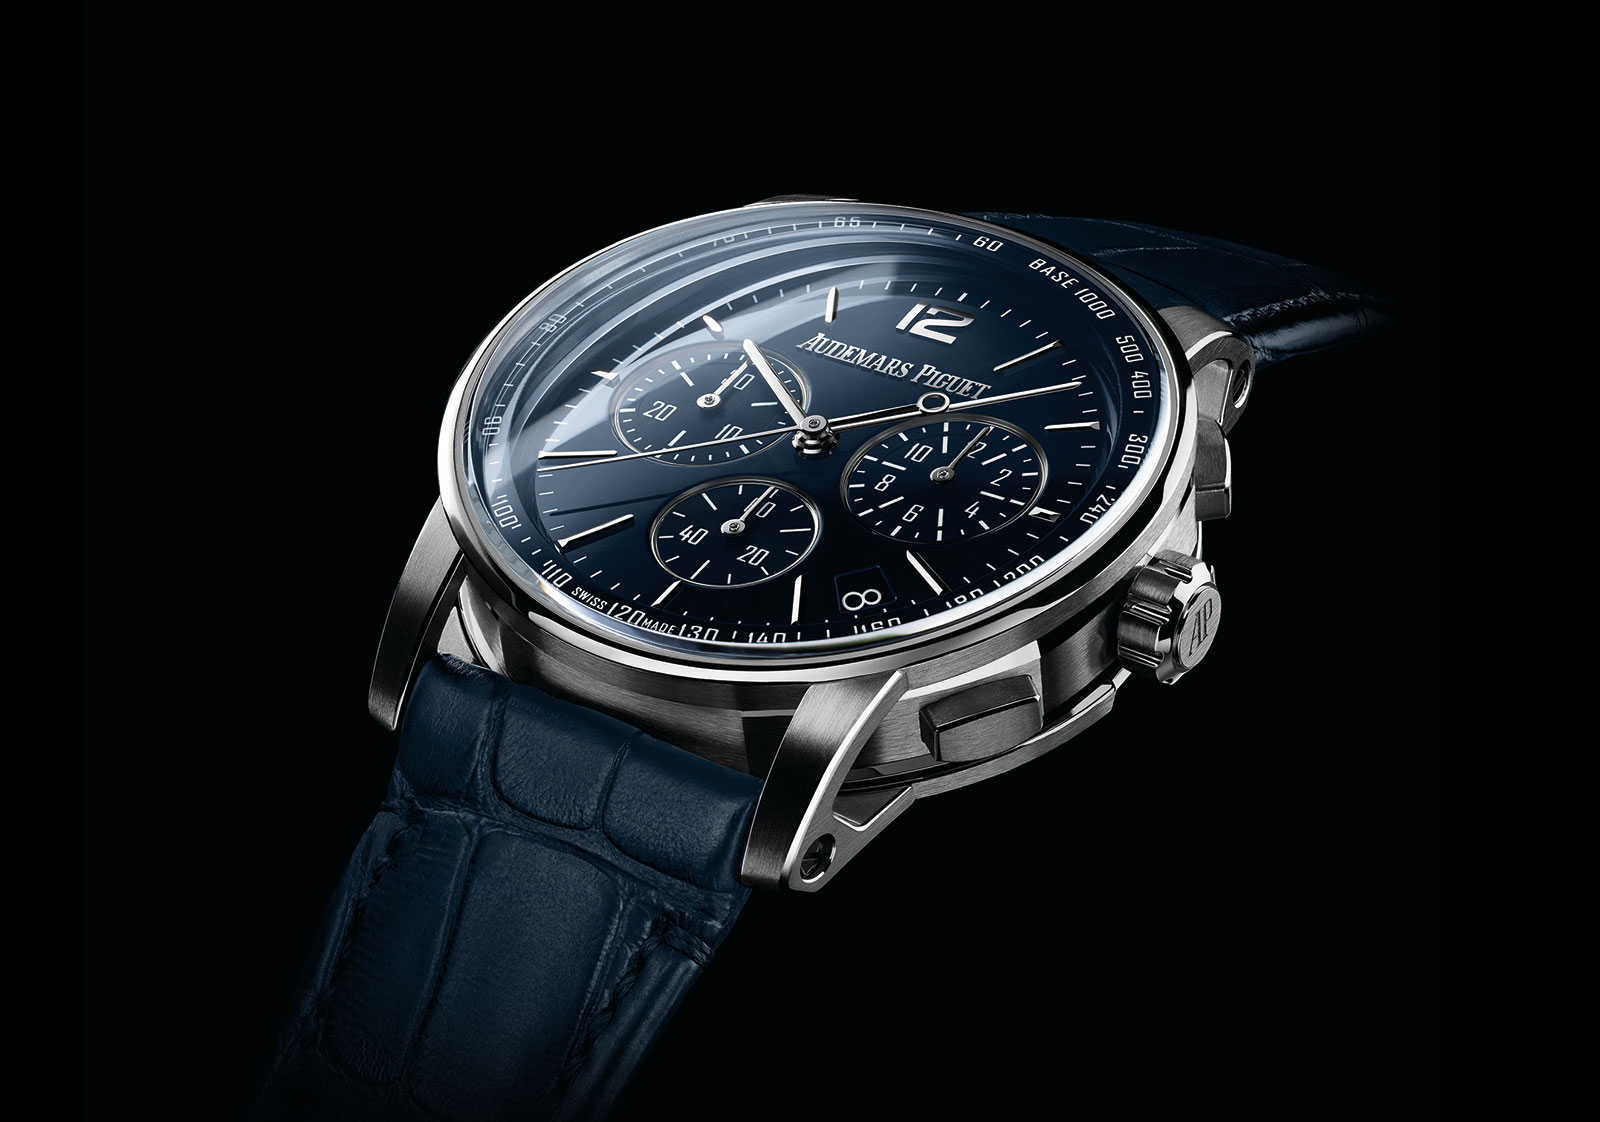 Audemars Piguet Code 1159 chronograph 3